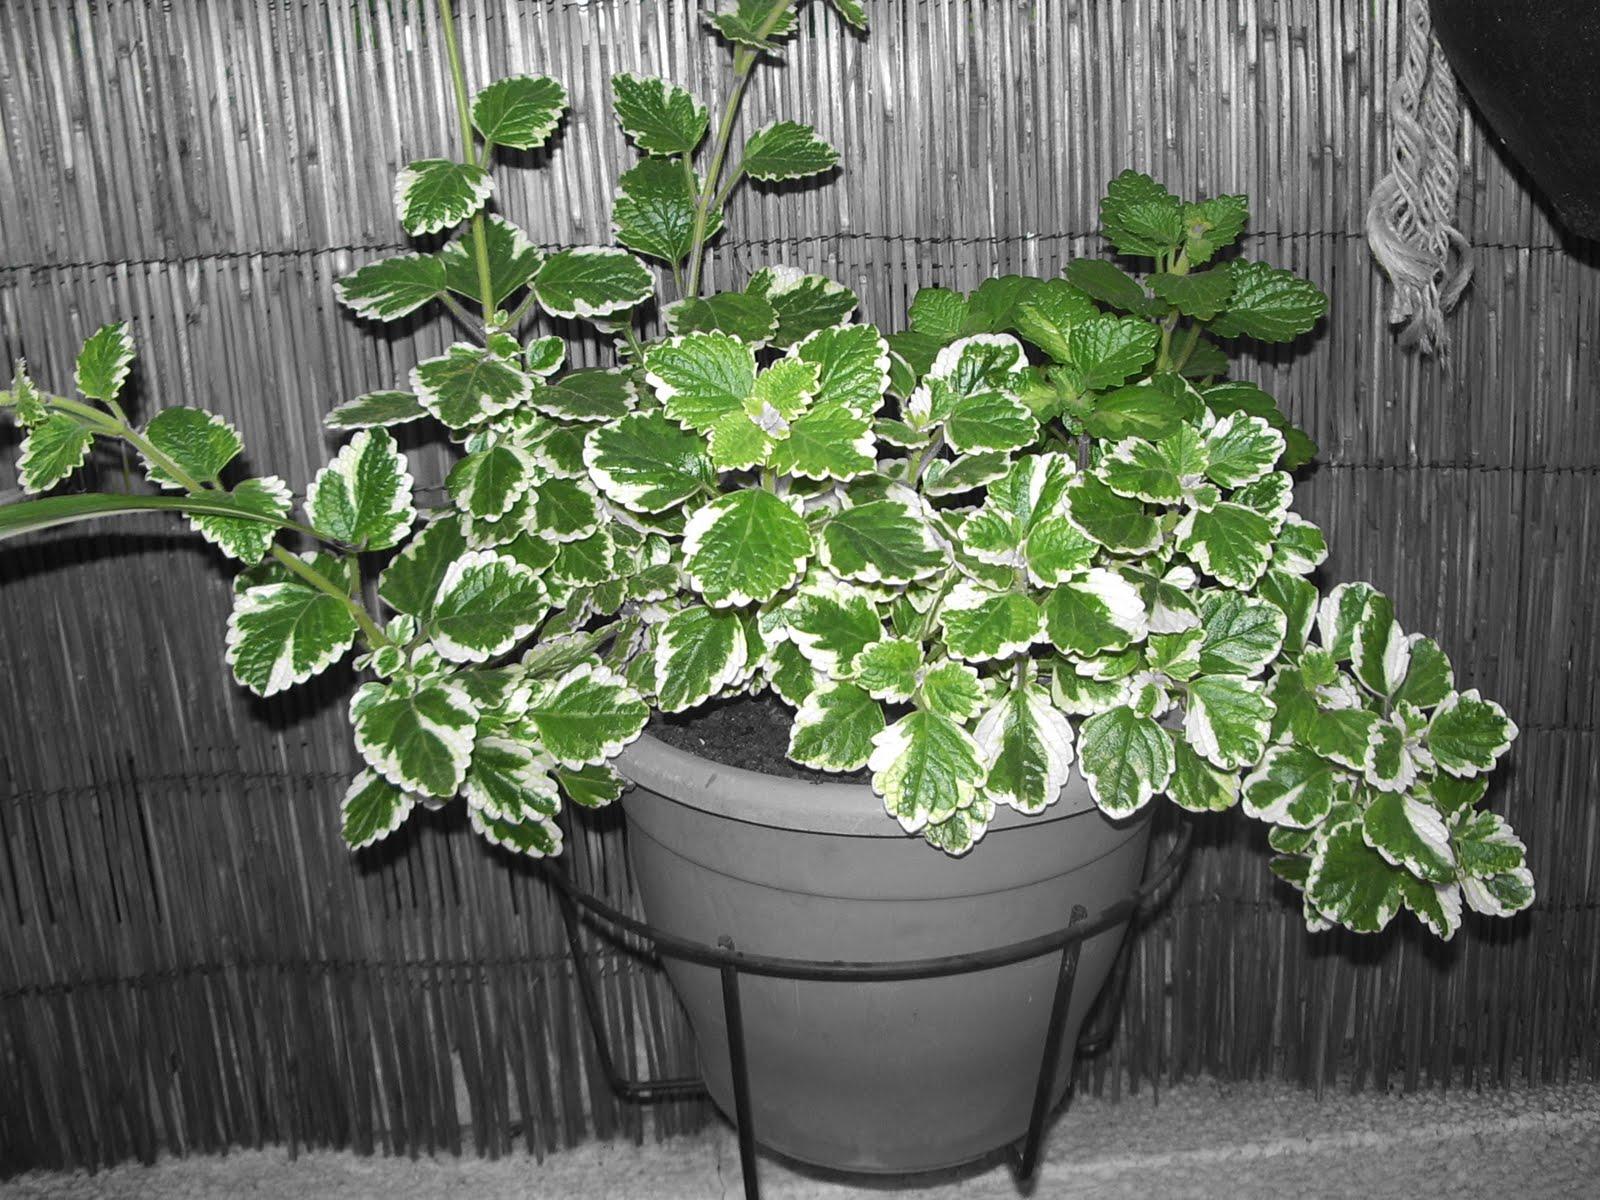 Un jardin en macetas plectranthus madagascariensis - Plantas de jardin exterior ...